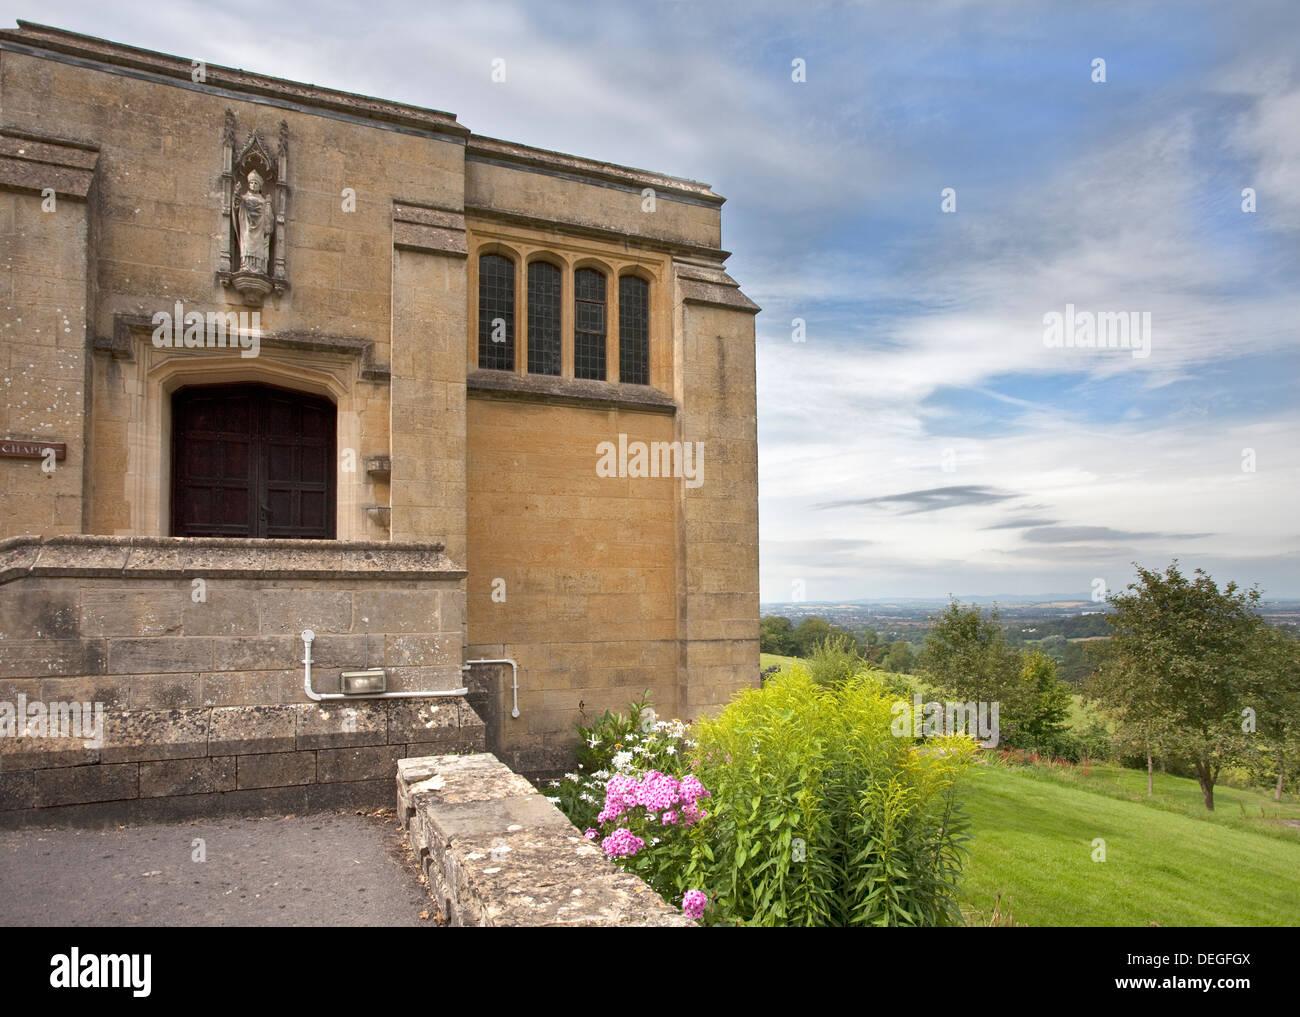 Chapel at Prinknash Abbey, Prinknash, Gloucestershire, England - Stock Image